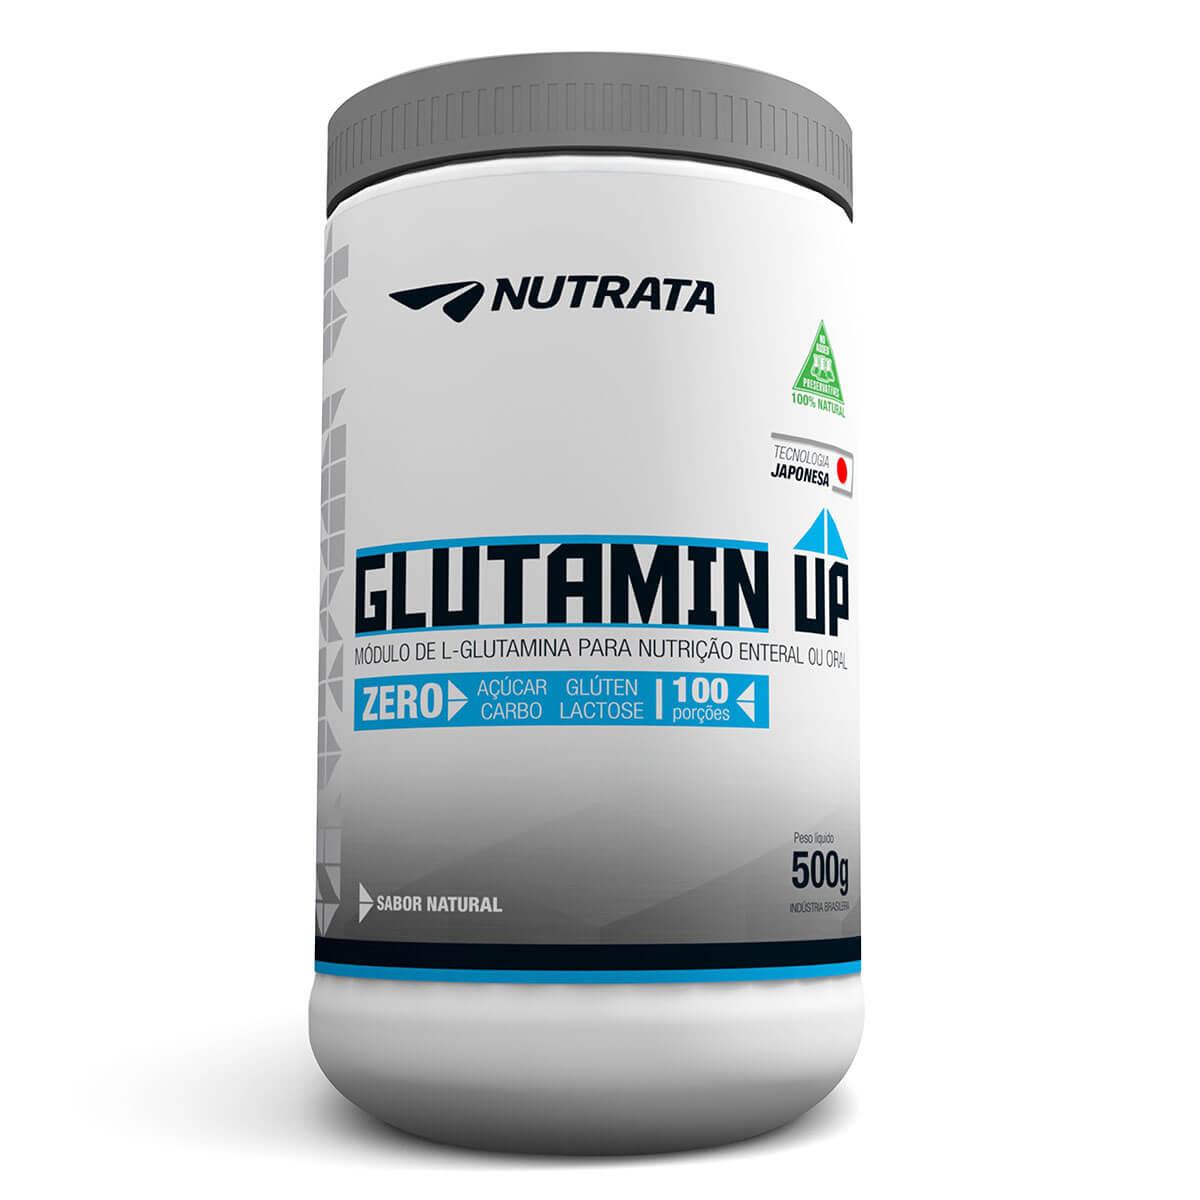 Glutamin UP Nutrata - 500g